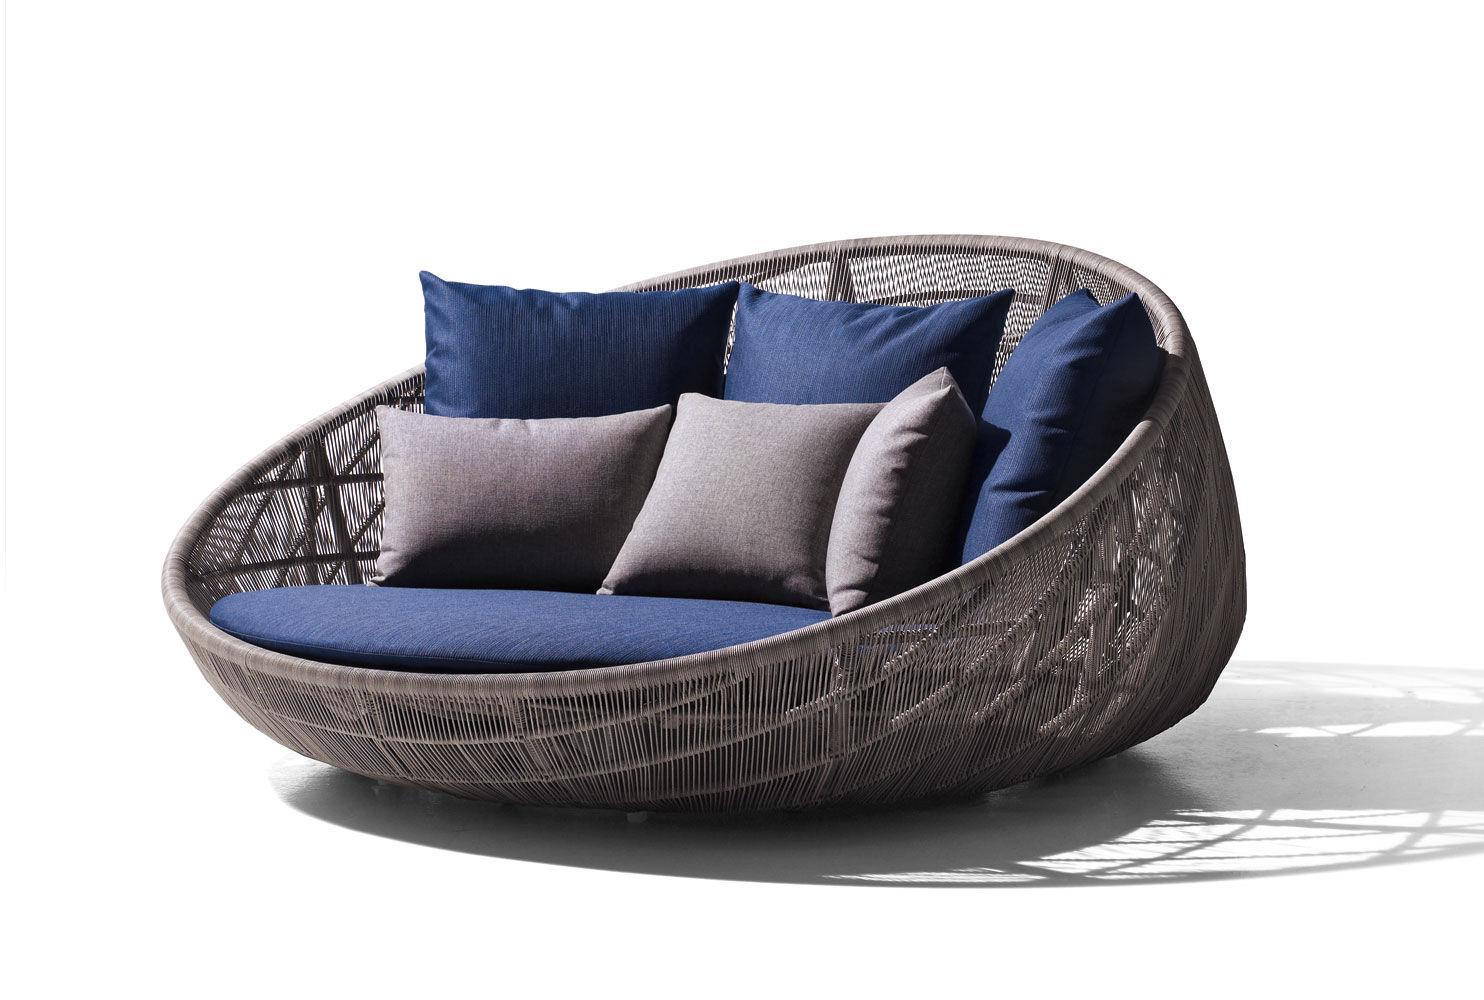 Canapé rond contemporain de jardin en fibres synthétiques